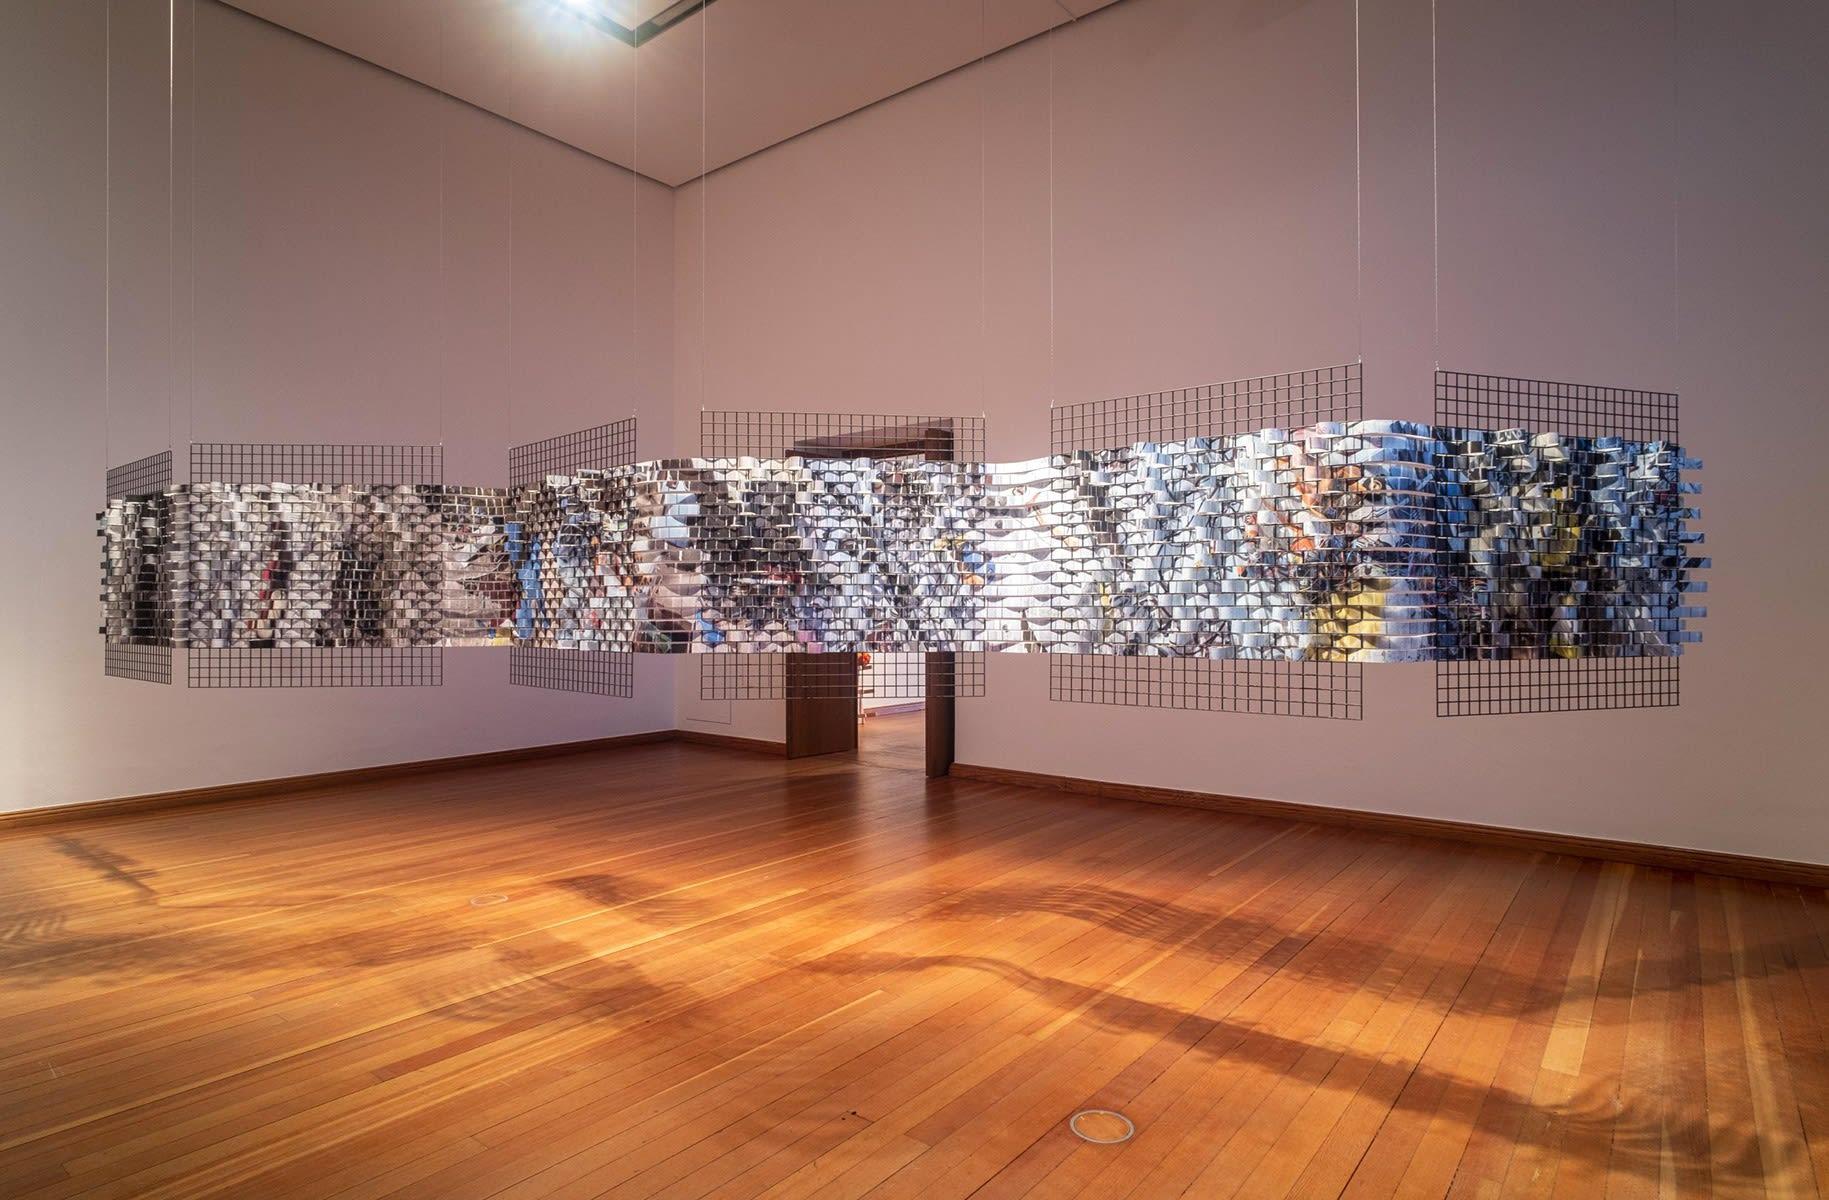 gropius bau, berlin biennale, 2020